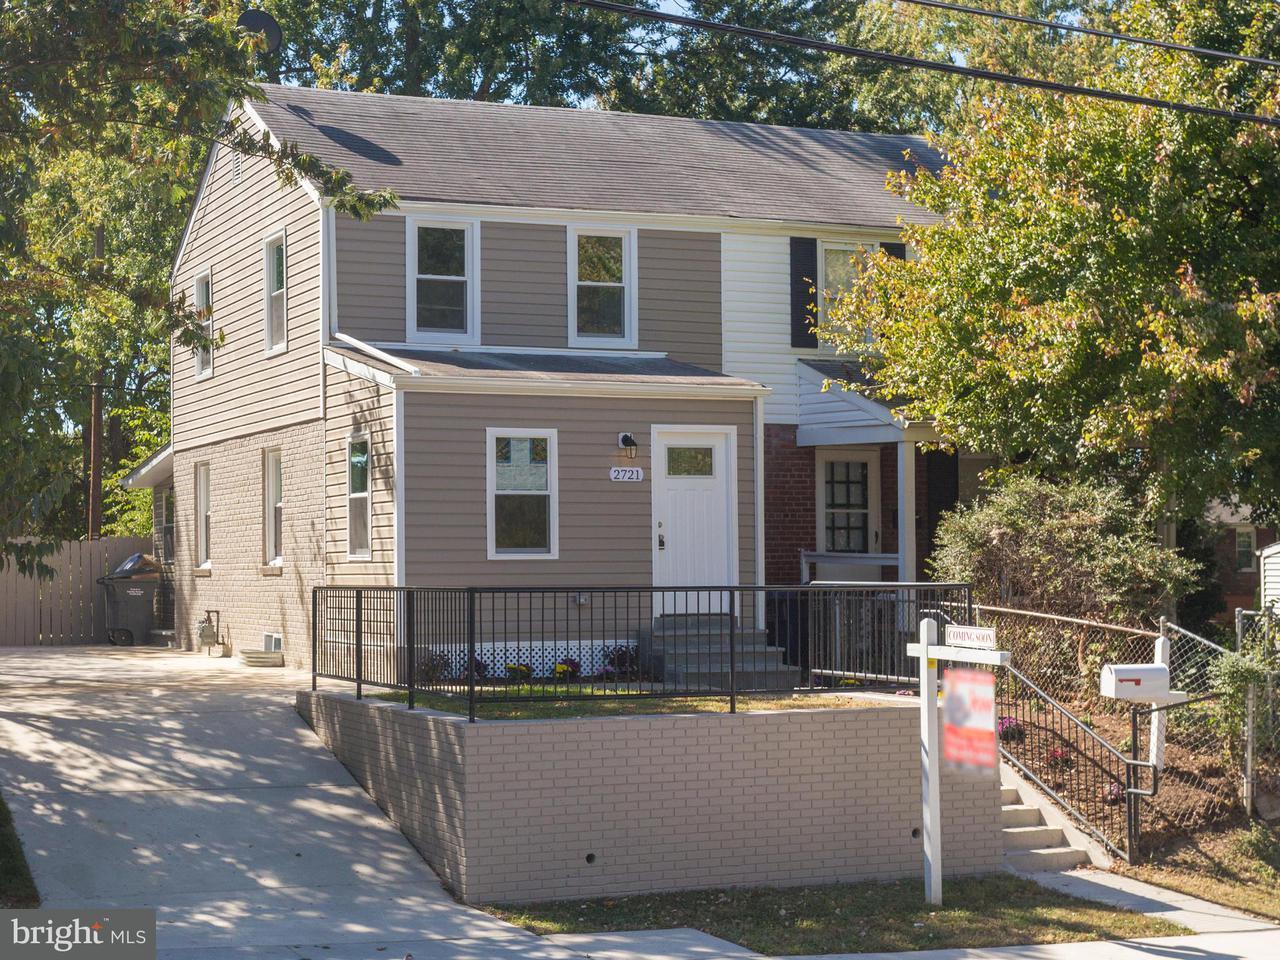 Doppelhaus für Verkauf beim 2721 FORT Drive 2721 FORT Drive Alexandria, Virginia 22303 Vereinigte Staaten